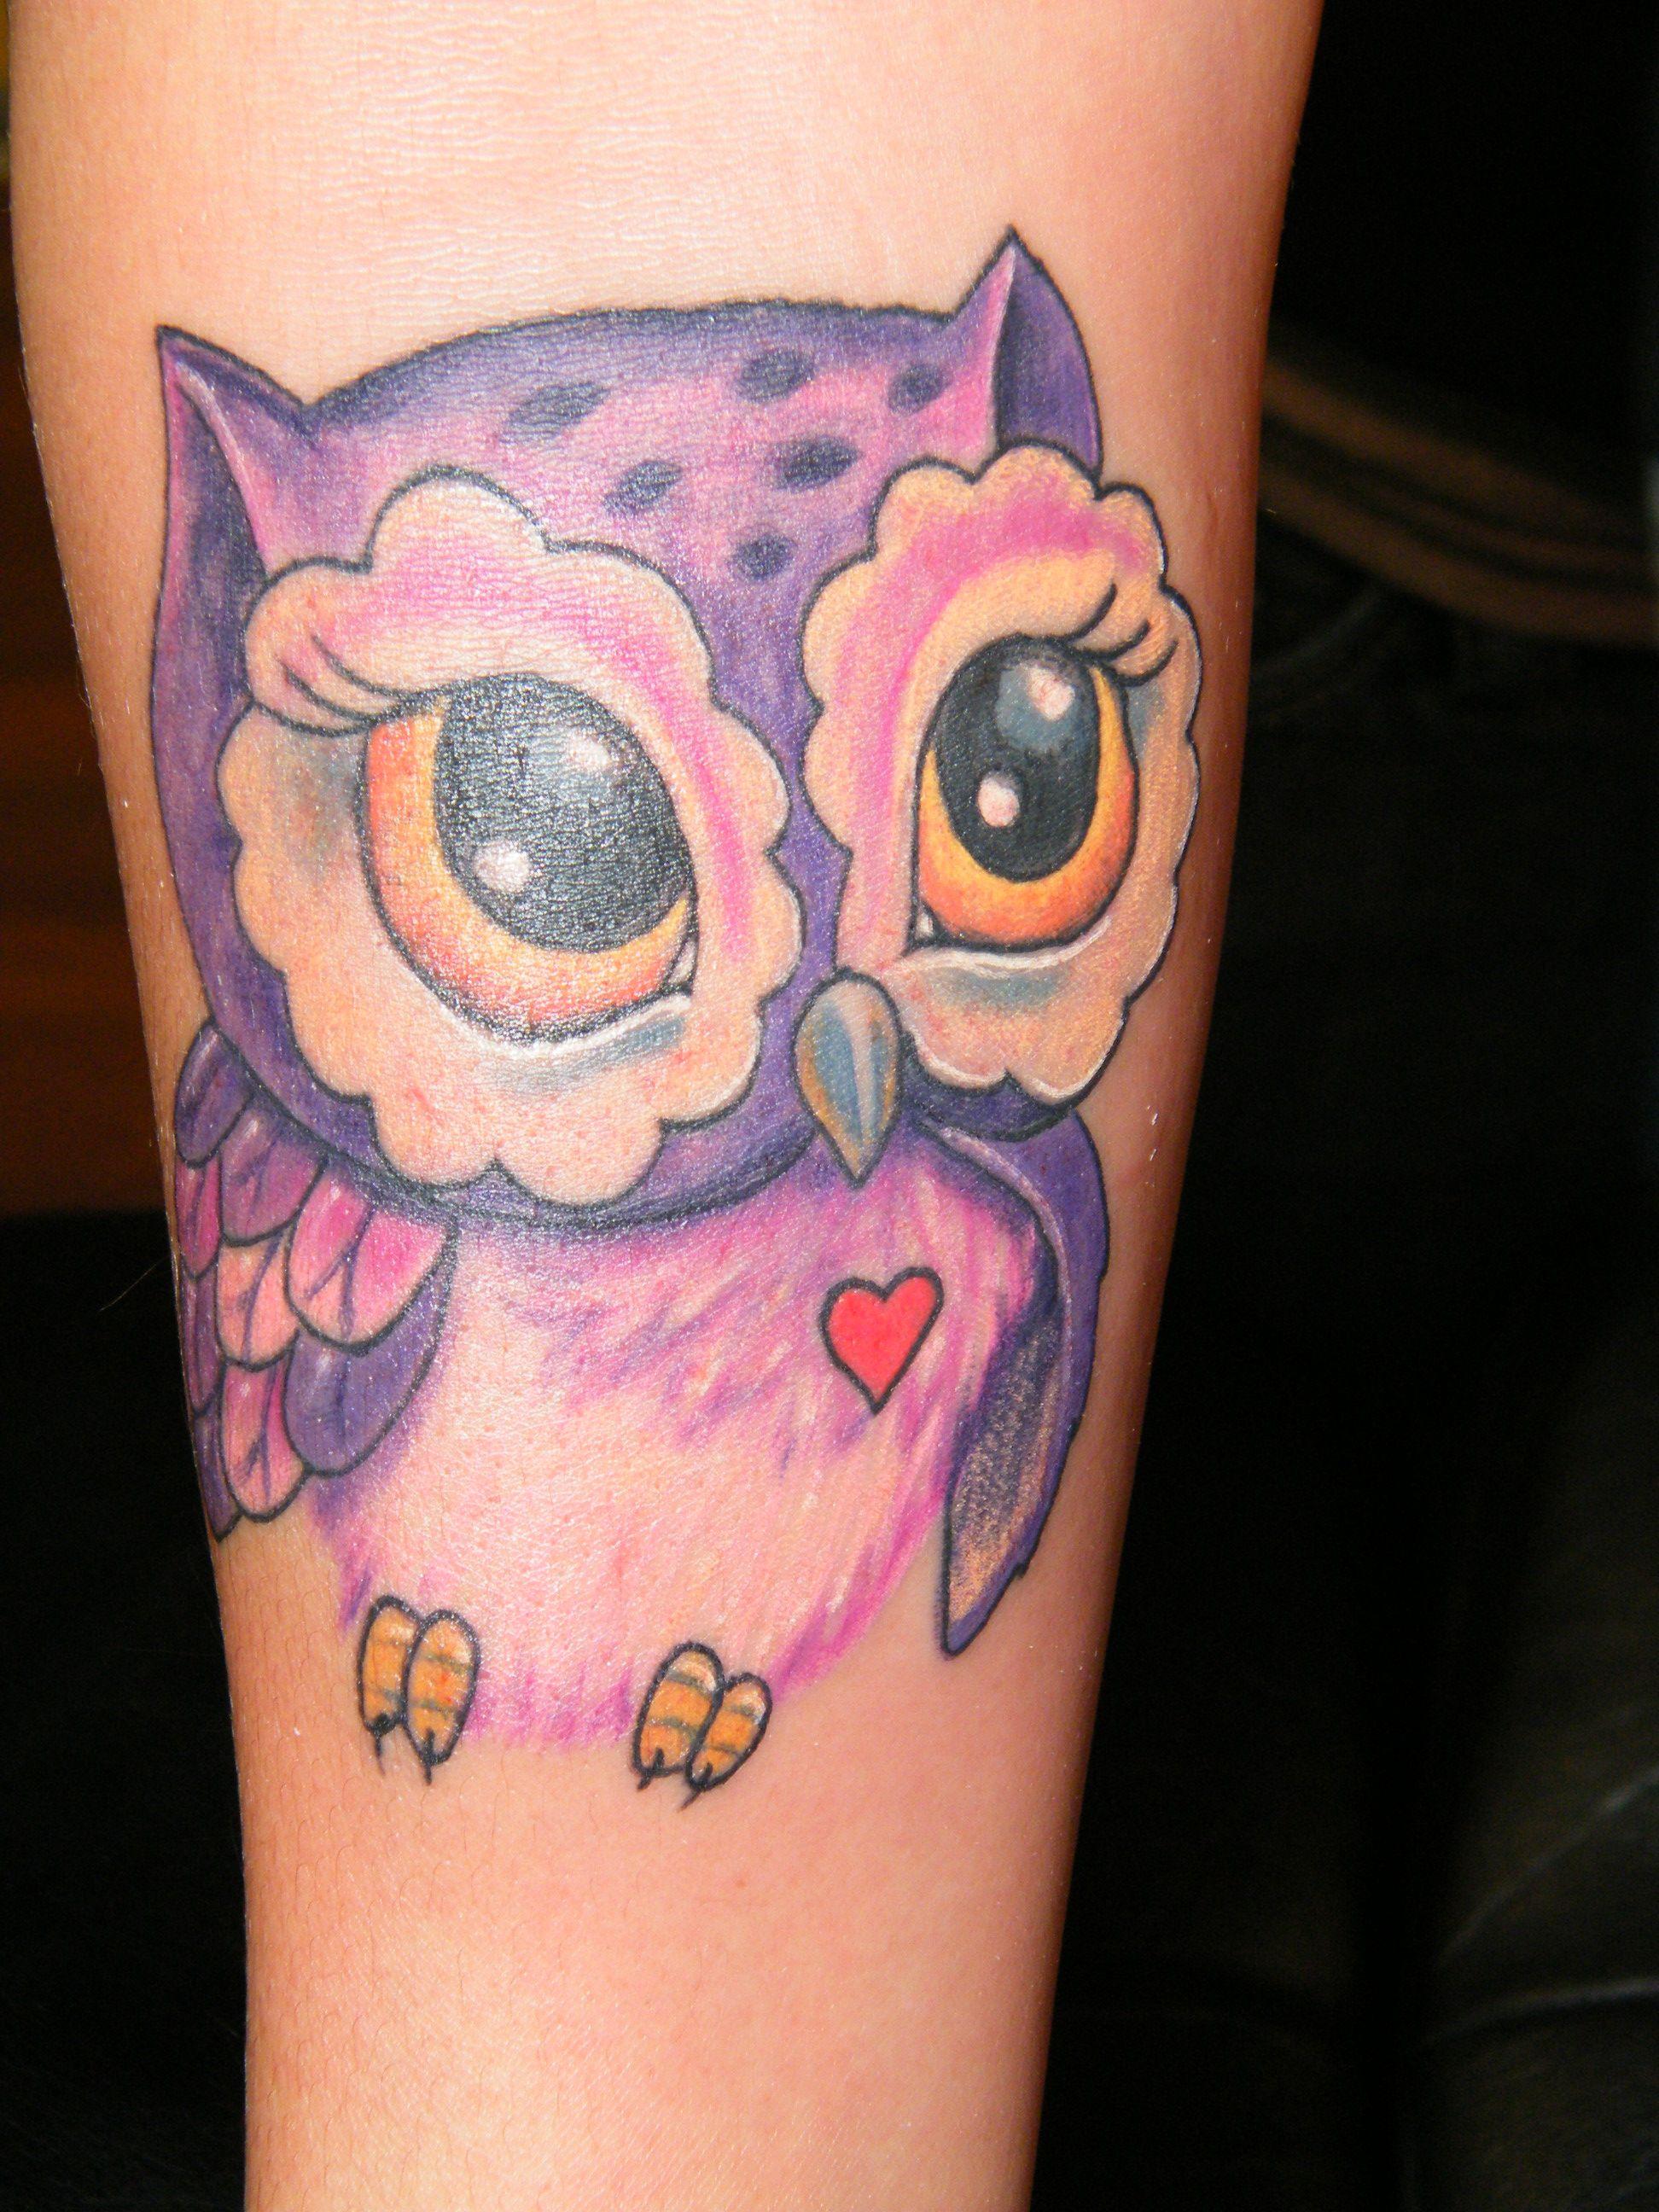 Twisted Tattoo 210 310 6232 Baby Owl Tattoos Cute Owl Tattoo Owl Tattoo Design